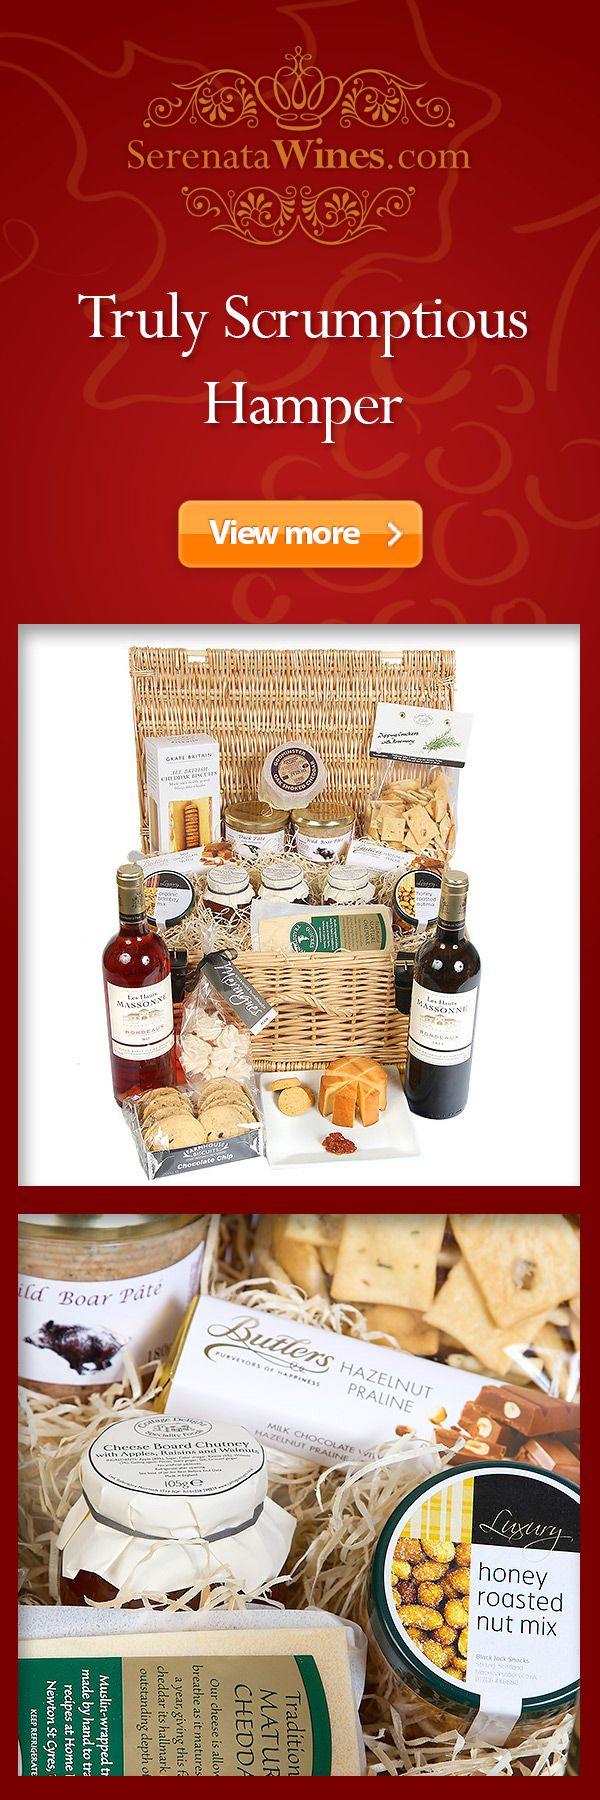 #wine #hampers #gits #winehampers #winedelivery #wicker #wickerhamper #basket #serenatawines